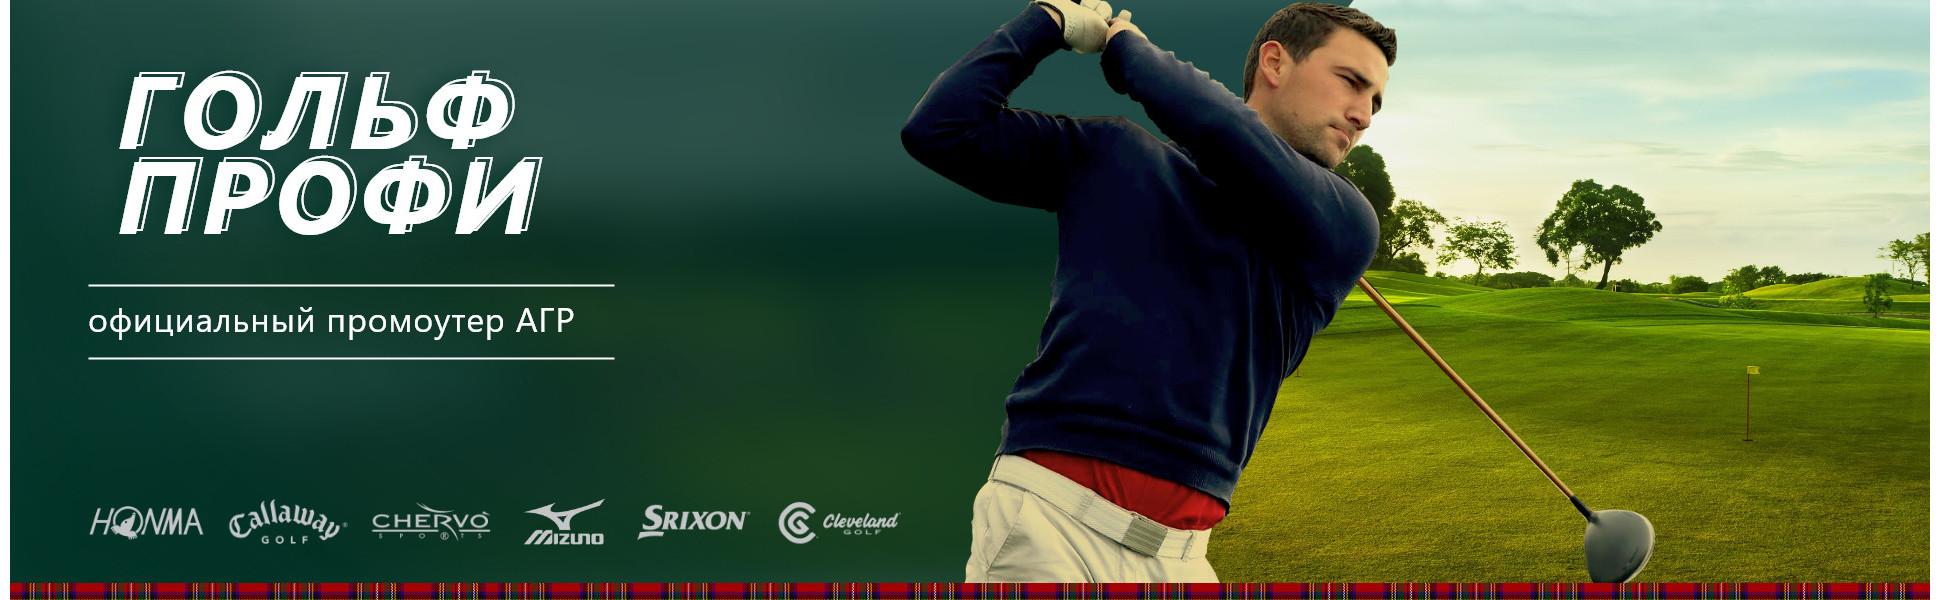 Баннер гольф-профи